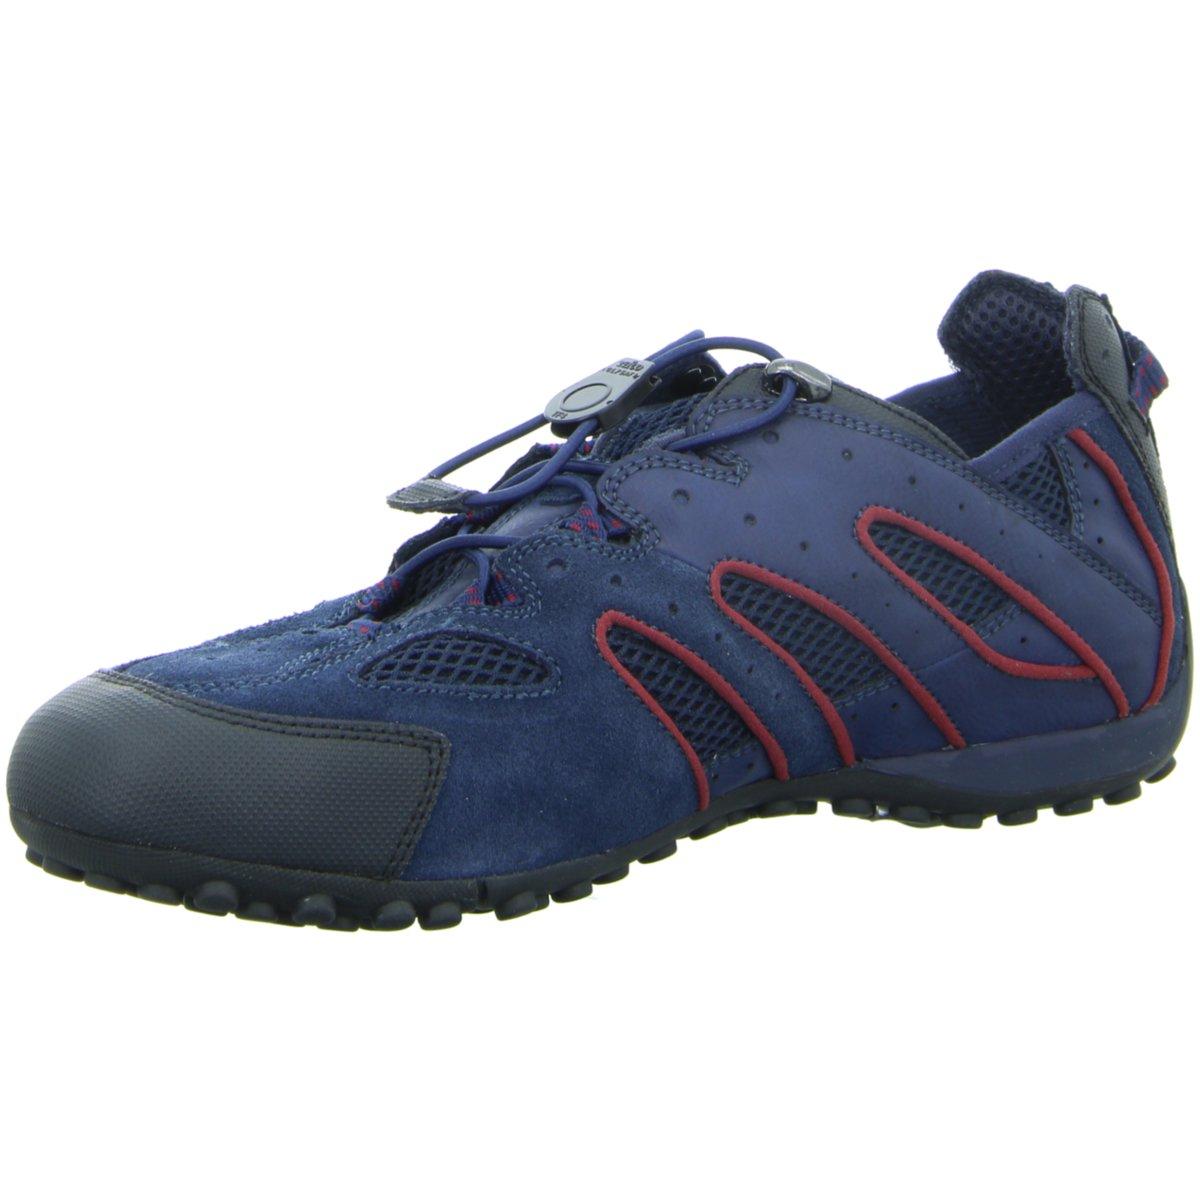 f2dee4cbe5a6c Geox Herren Sportschuhe Geox Snake Schuhe blau rot Gr 39, 40 U4207J U4207J  - nnsccw8034-Herren